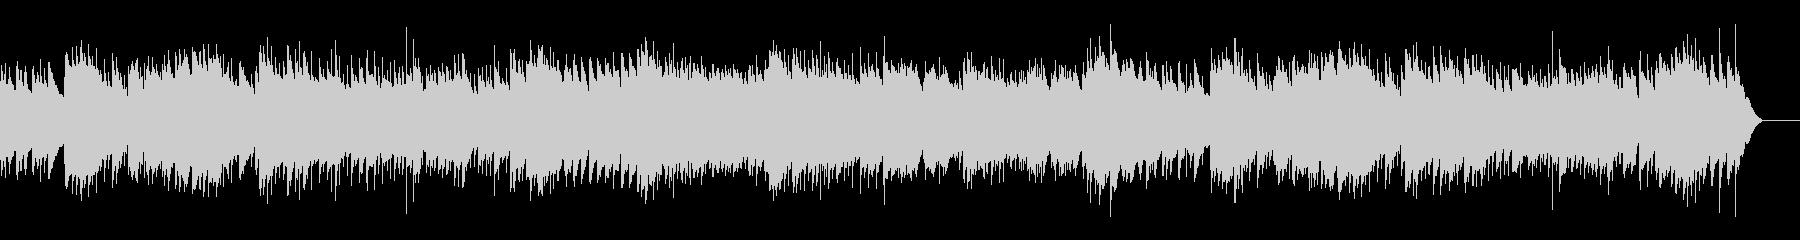 ネッケ クシコスポスト (オルゴール)の未再生の波形